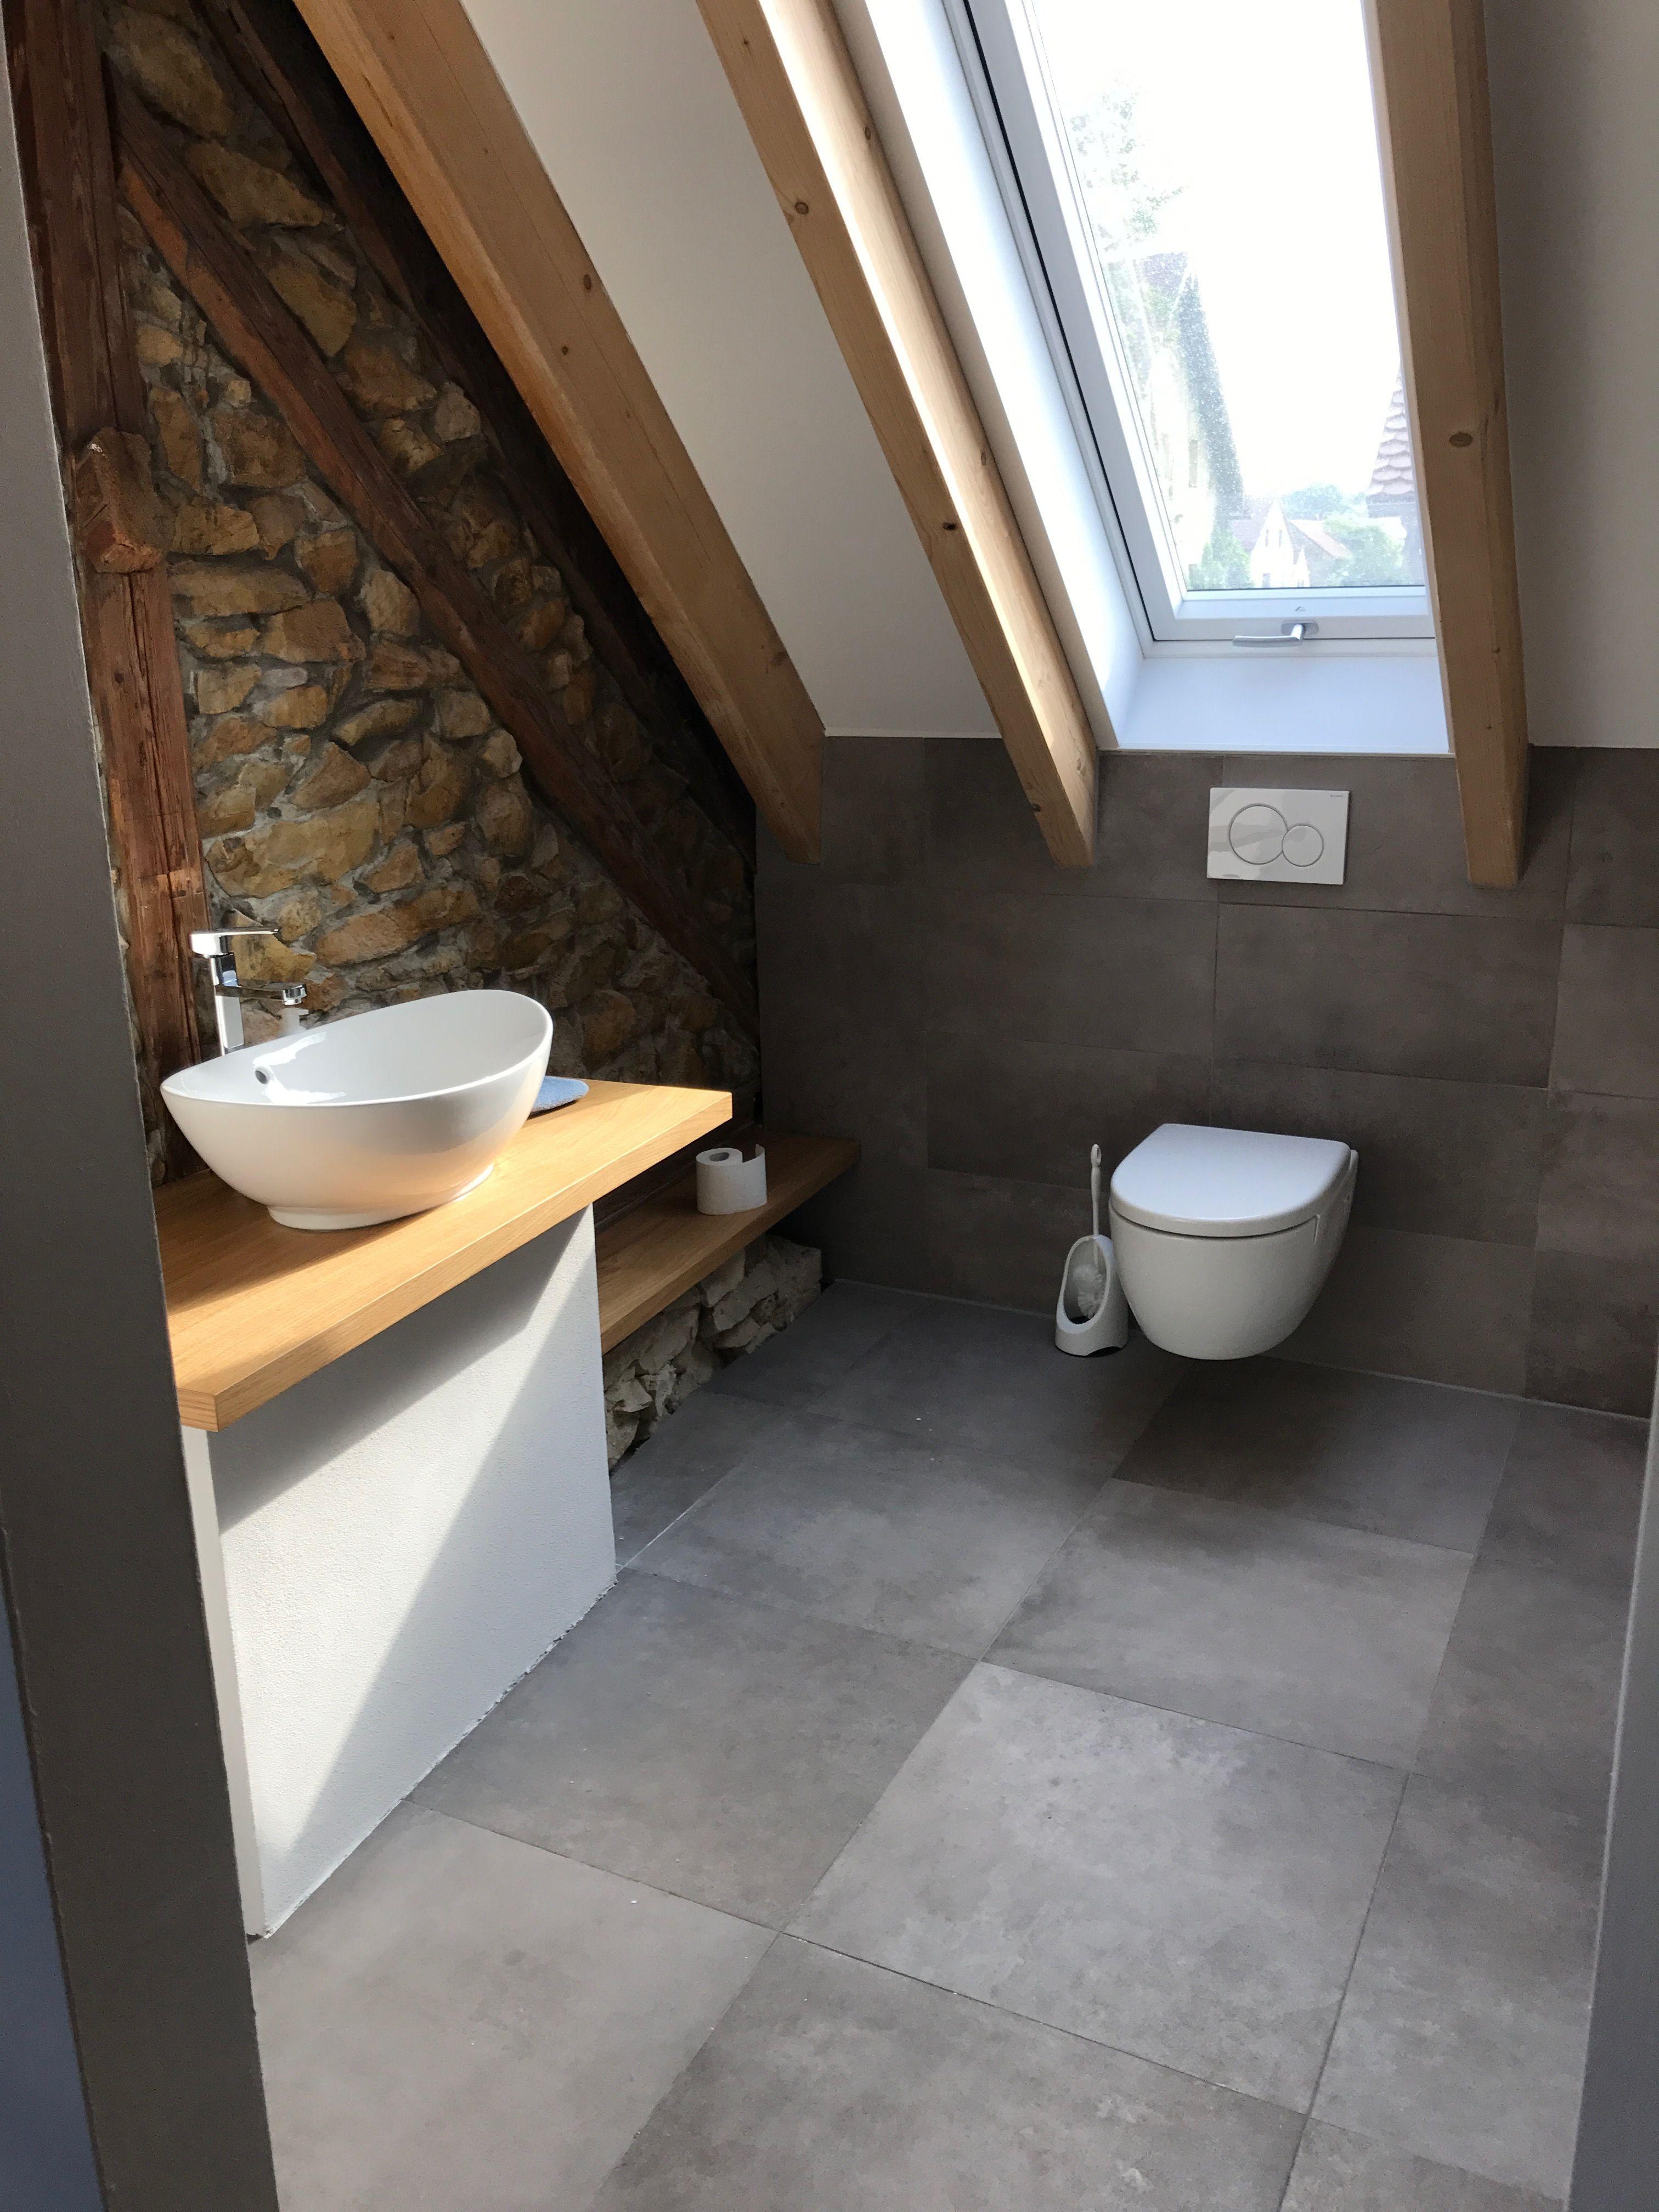 Sanierung Scheune Bad Bruchstein Badezimmer Dachfenster Dachschrage Badezimmer Dachschrage Badezimmer Dachgeschoss Dachfenster